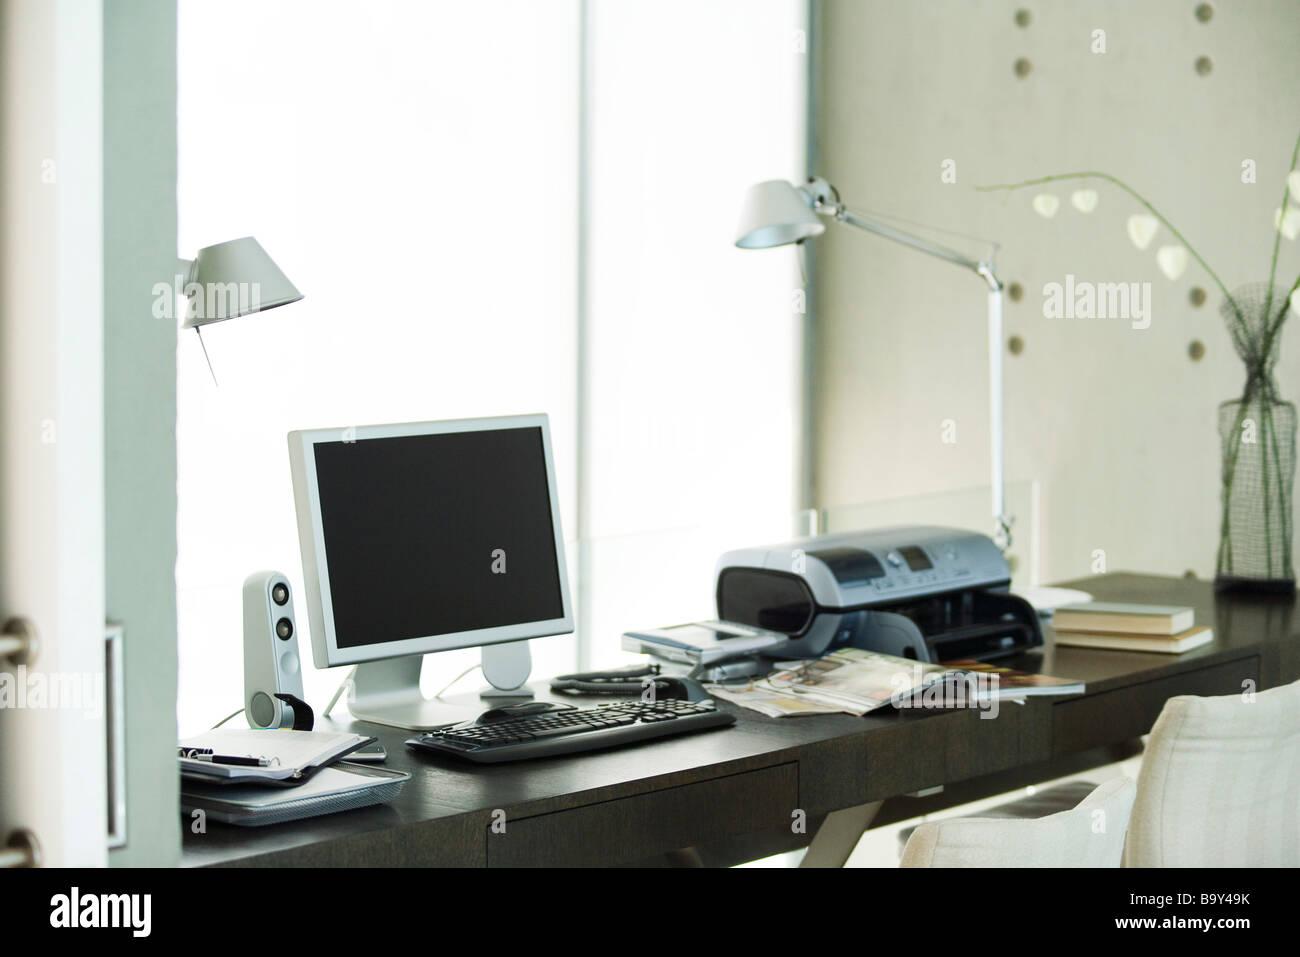 Il computer e la stampante sulla scrivania in ufficio in casa Immagini Stock